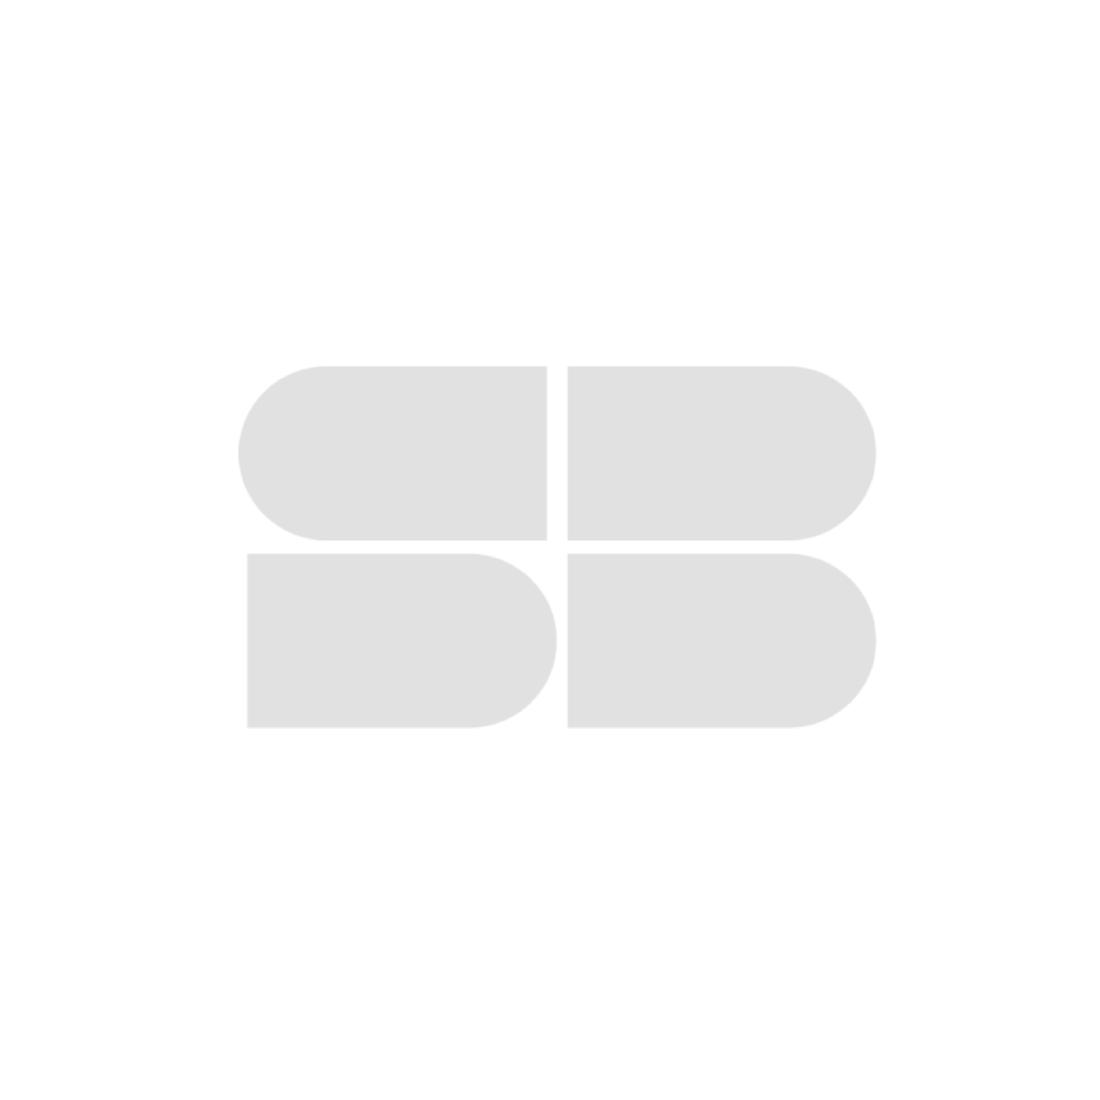 ที่นอน Slumberland รุ่น Nature Touch ขนาด 6 ฟุต-00